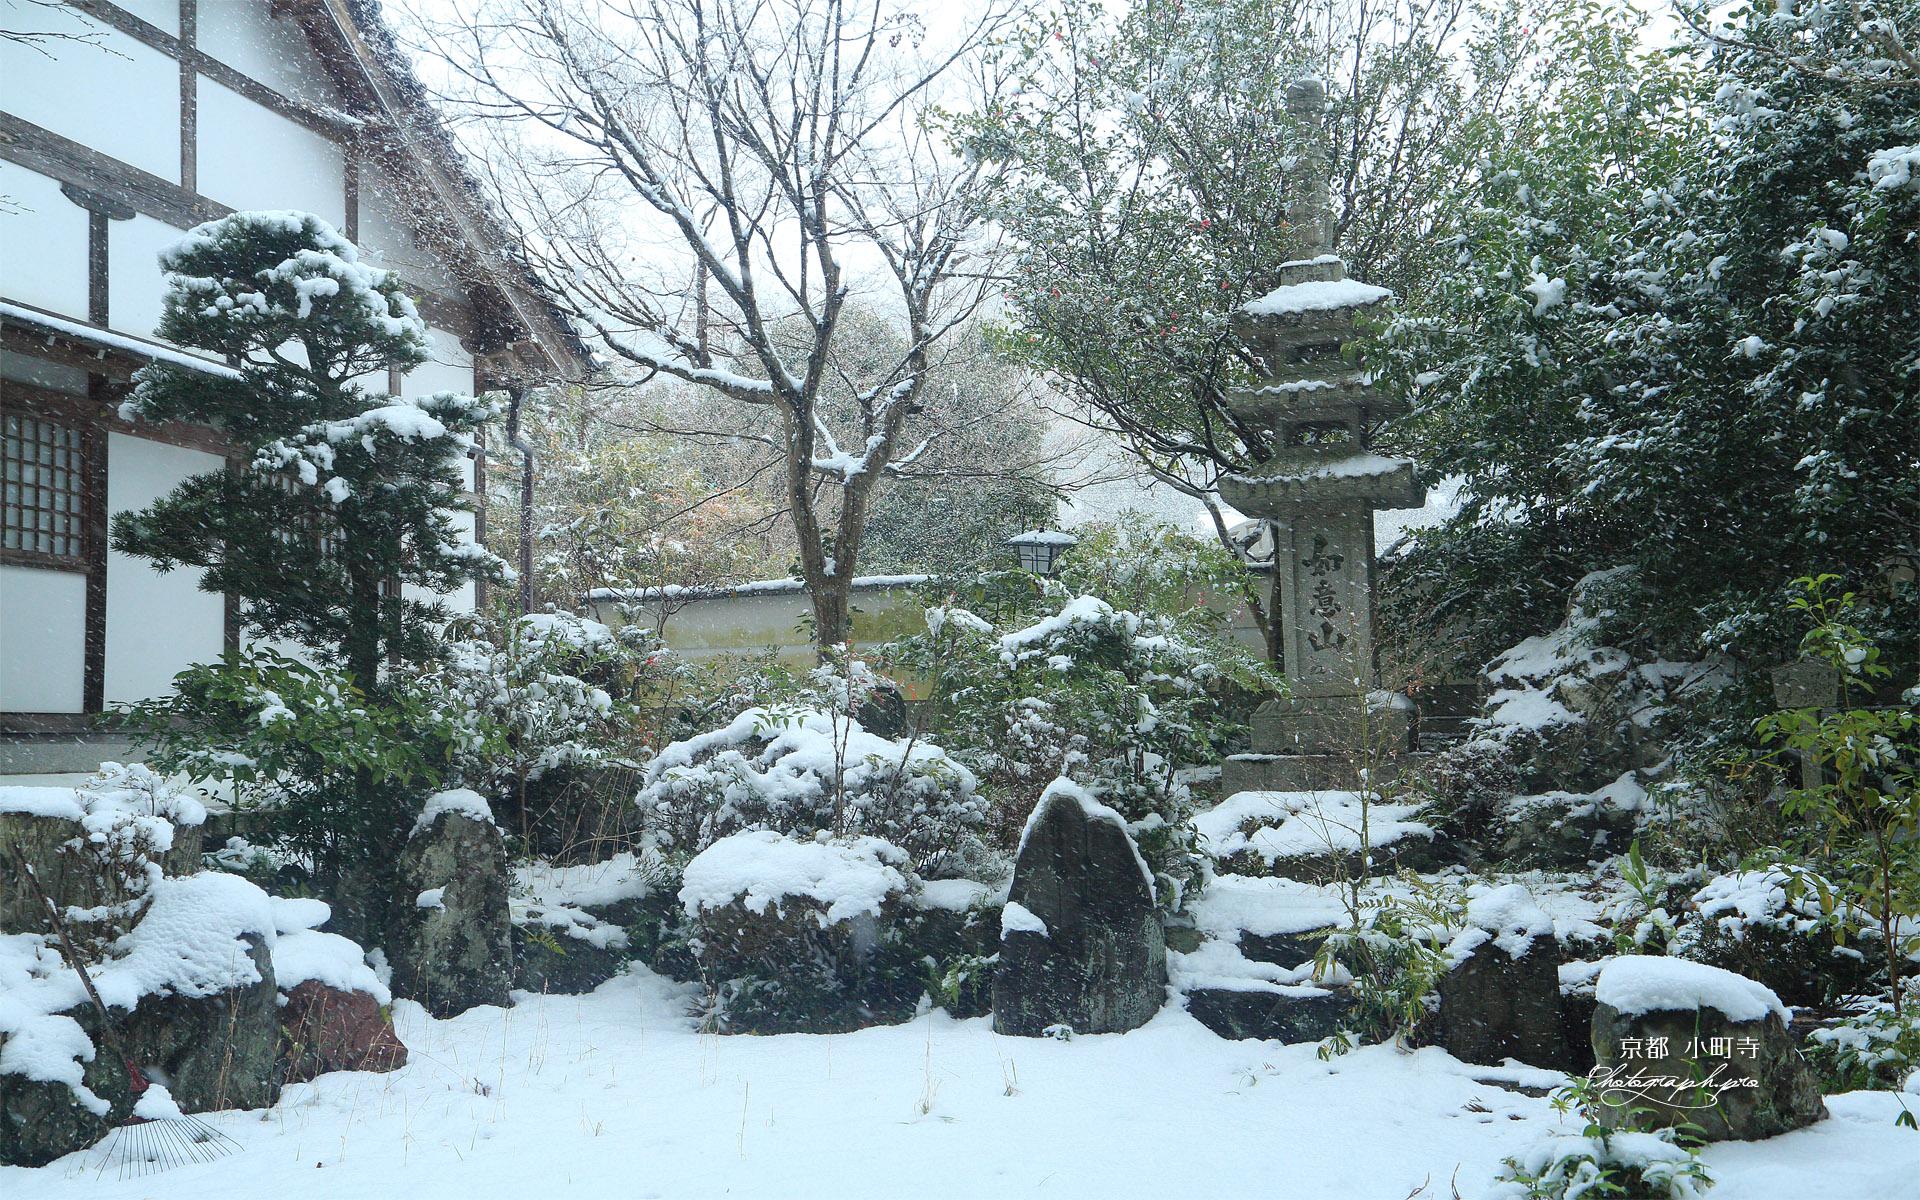 小町寺 雪の庭園